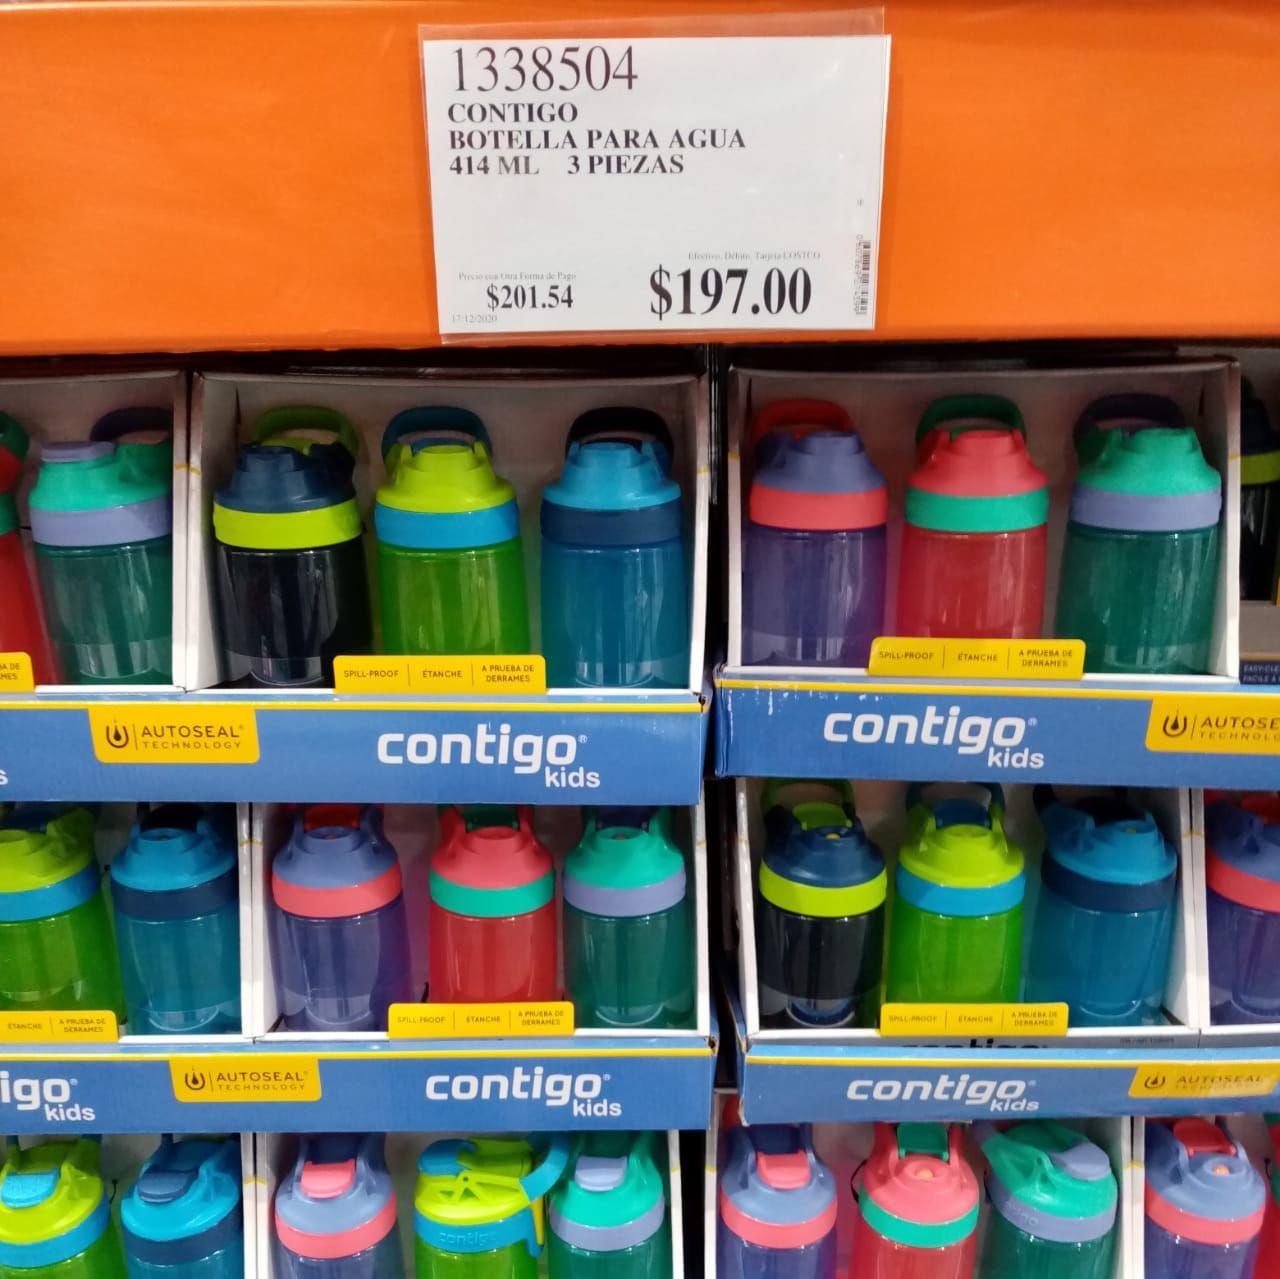 Costco Guadalajara: Contigo, Set de 3 piezas de vasos antiderrames para niño